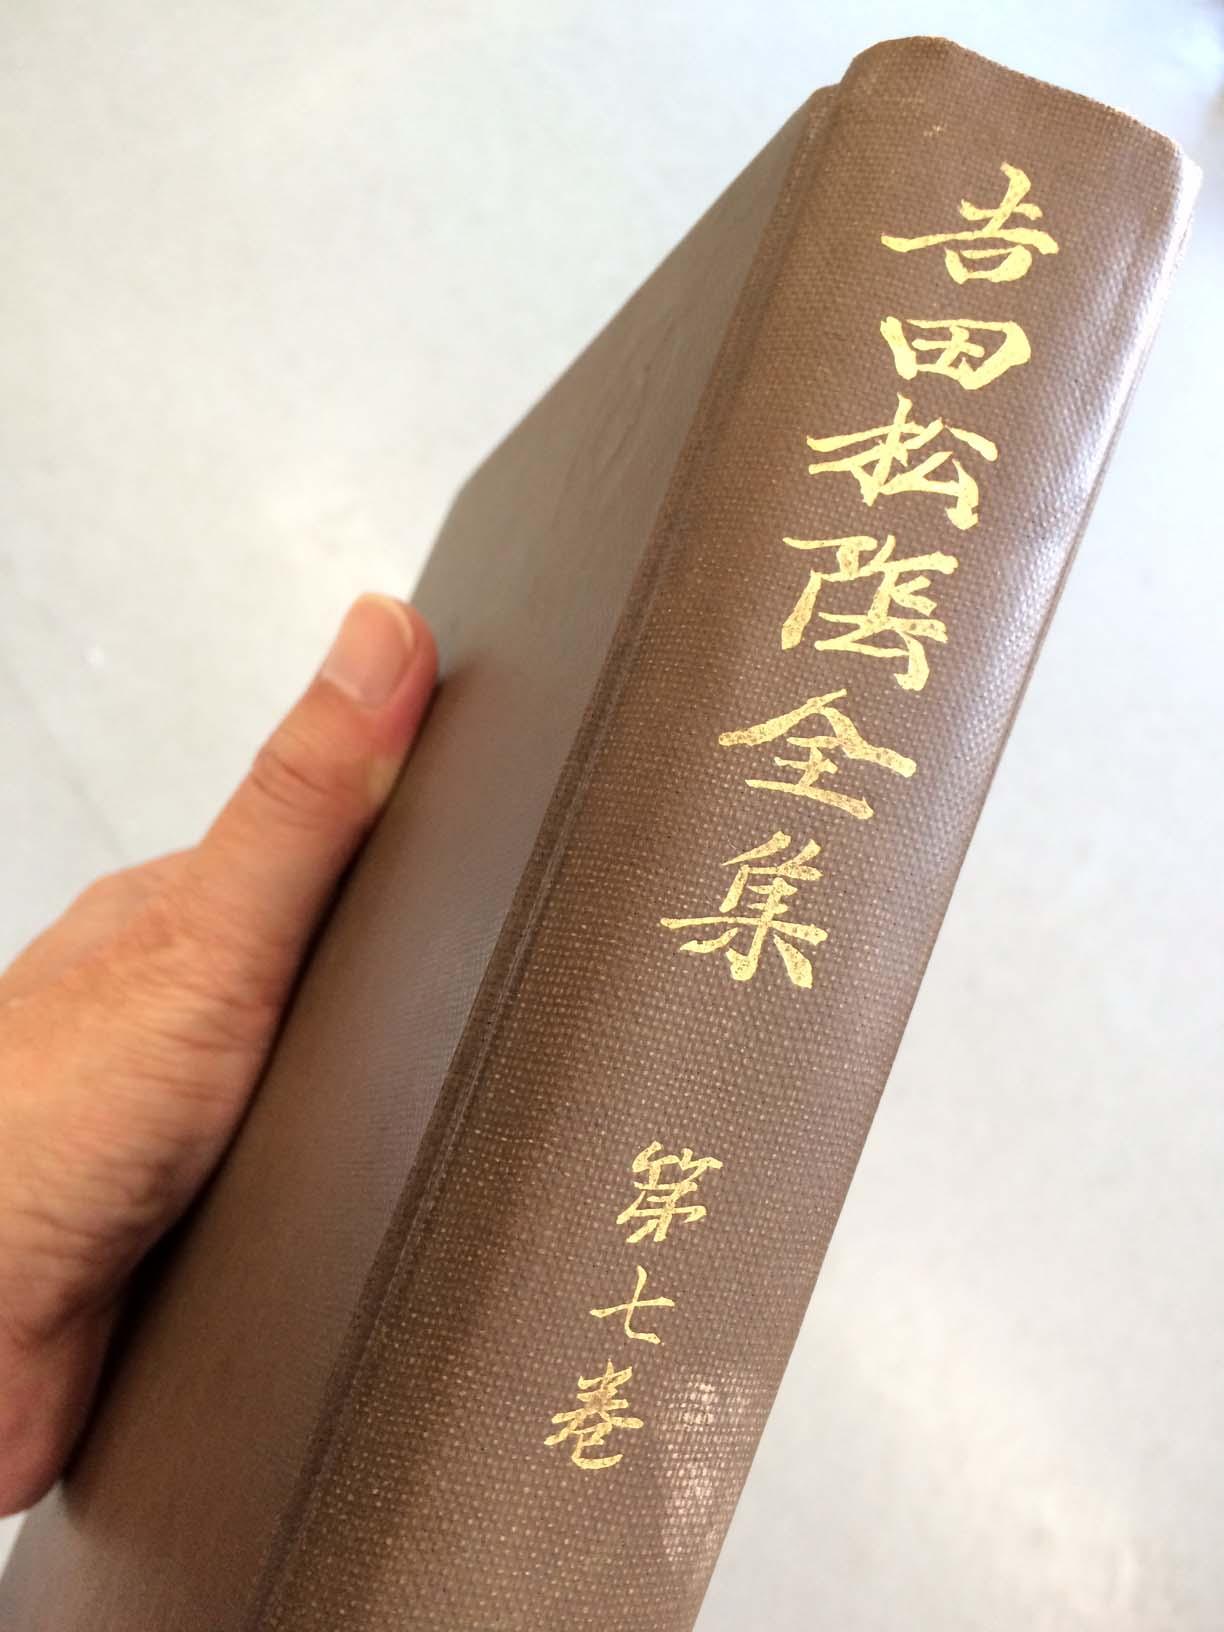 日記を書く習慣_c0052876_1105151.jpg